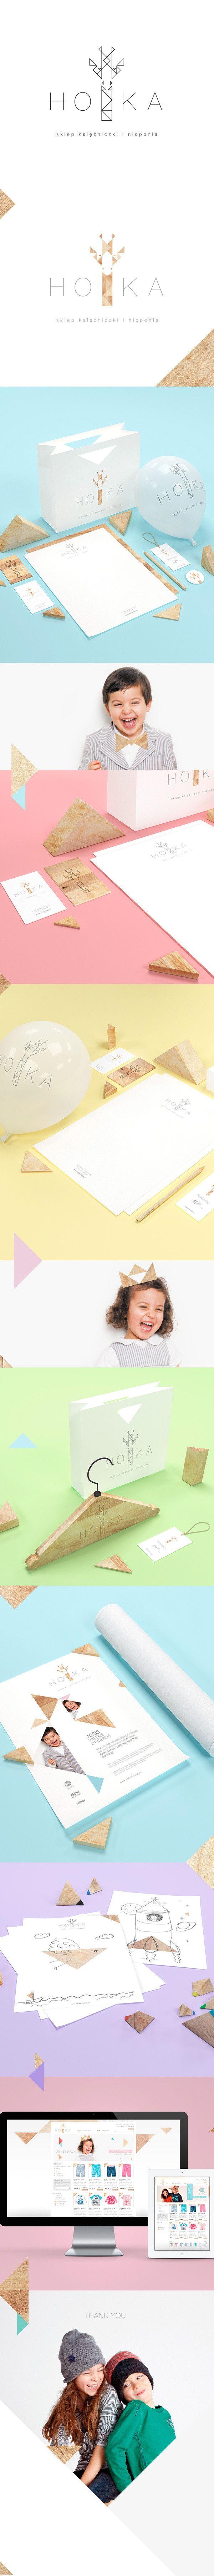 Branding / HOKA clothes for children on Behance